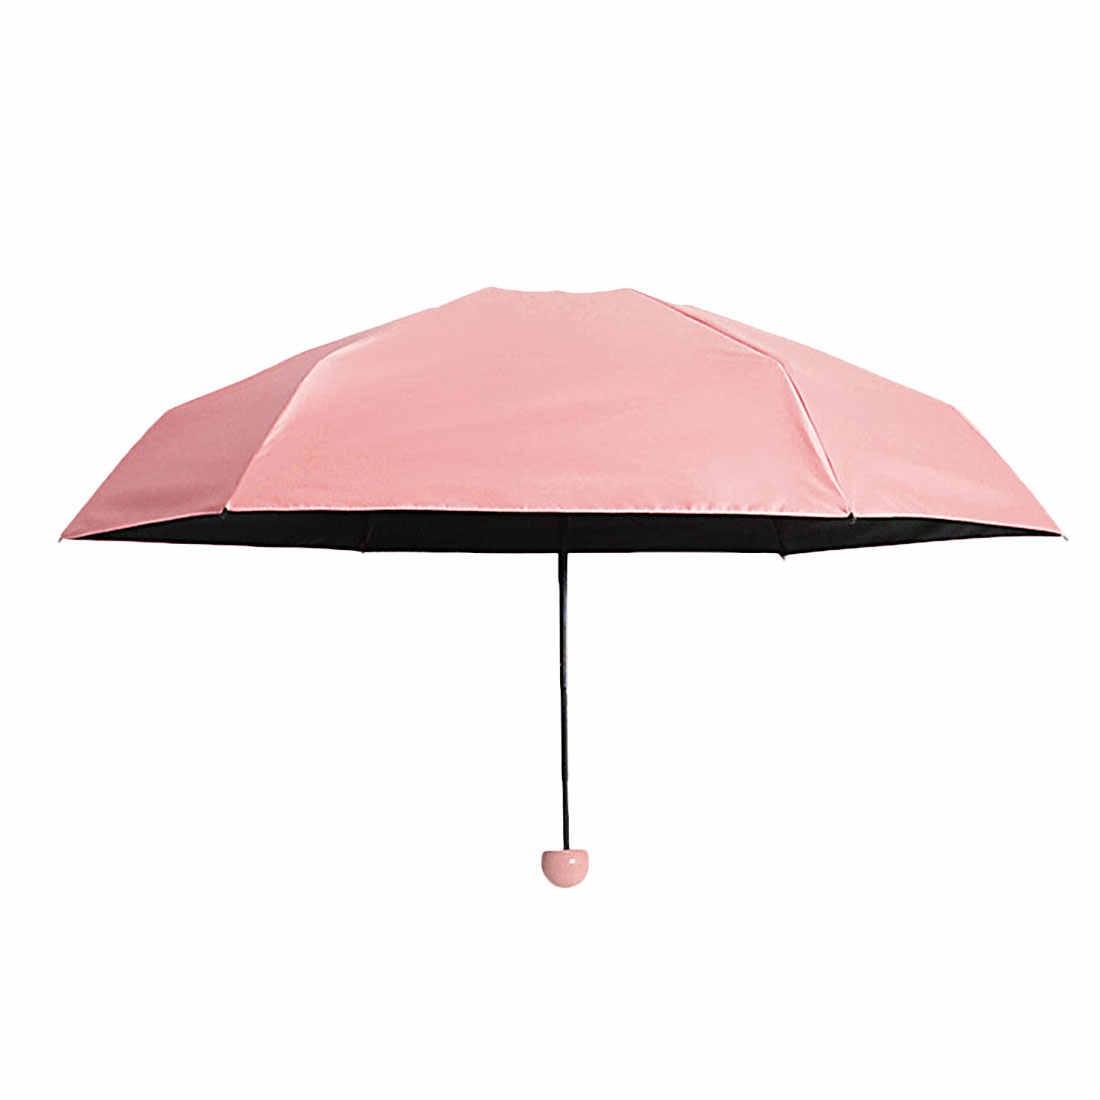 Мини карманный зонтик-капсула для женщин, анти-УФ Зонты, дождь для женщин, водонепроницаемый мужской солнцезащитный зонтик, удобный для девочек, дорожные Зонты